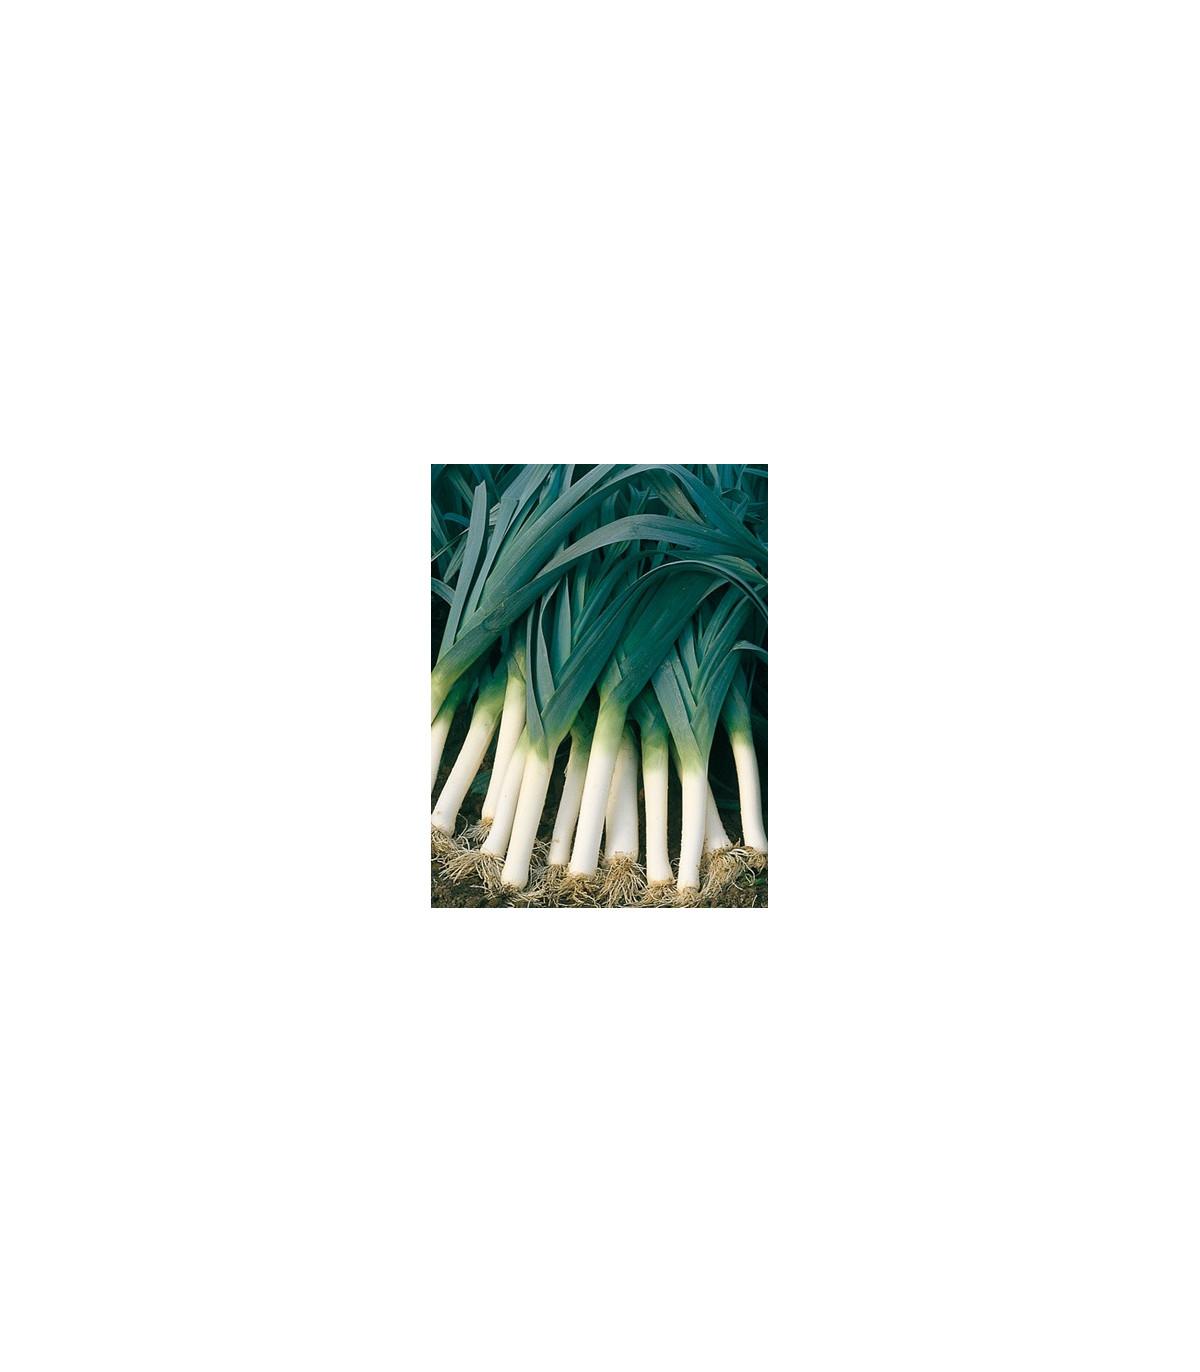 Pór bio kvalita Belton F1 - prodej BIO semen póru - kvalitní bio osiva pórku - 10 ks